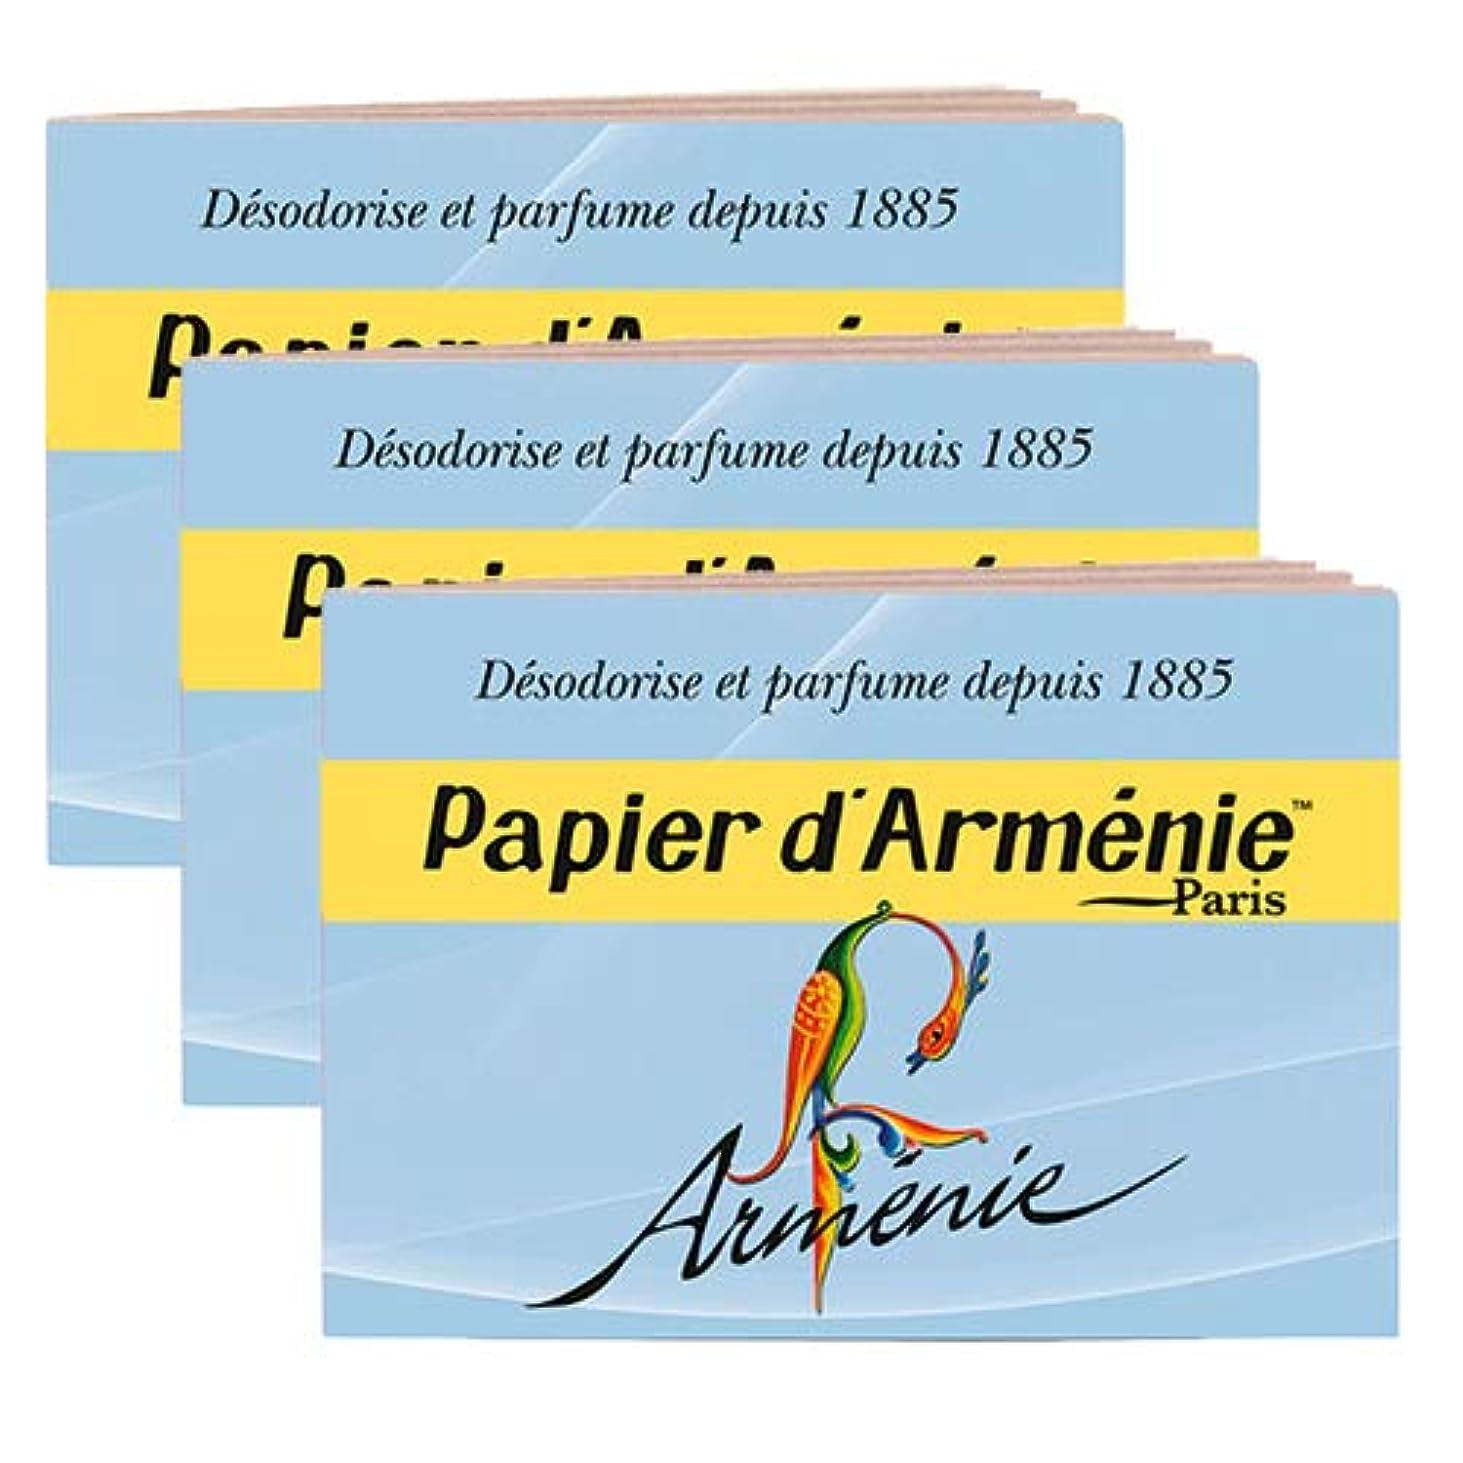 木要塞女性【パピエダルメニイ】トリプル 3×12枚(36回分) 3個セット アルメニイ 紙のお香 インセンス アロマペーパー PAPIER D'ARMENIE [並行輸入品]